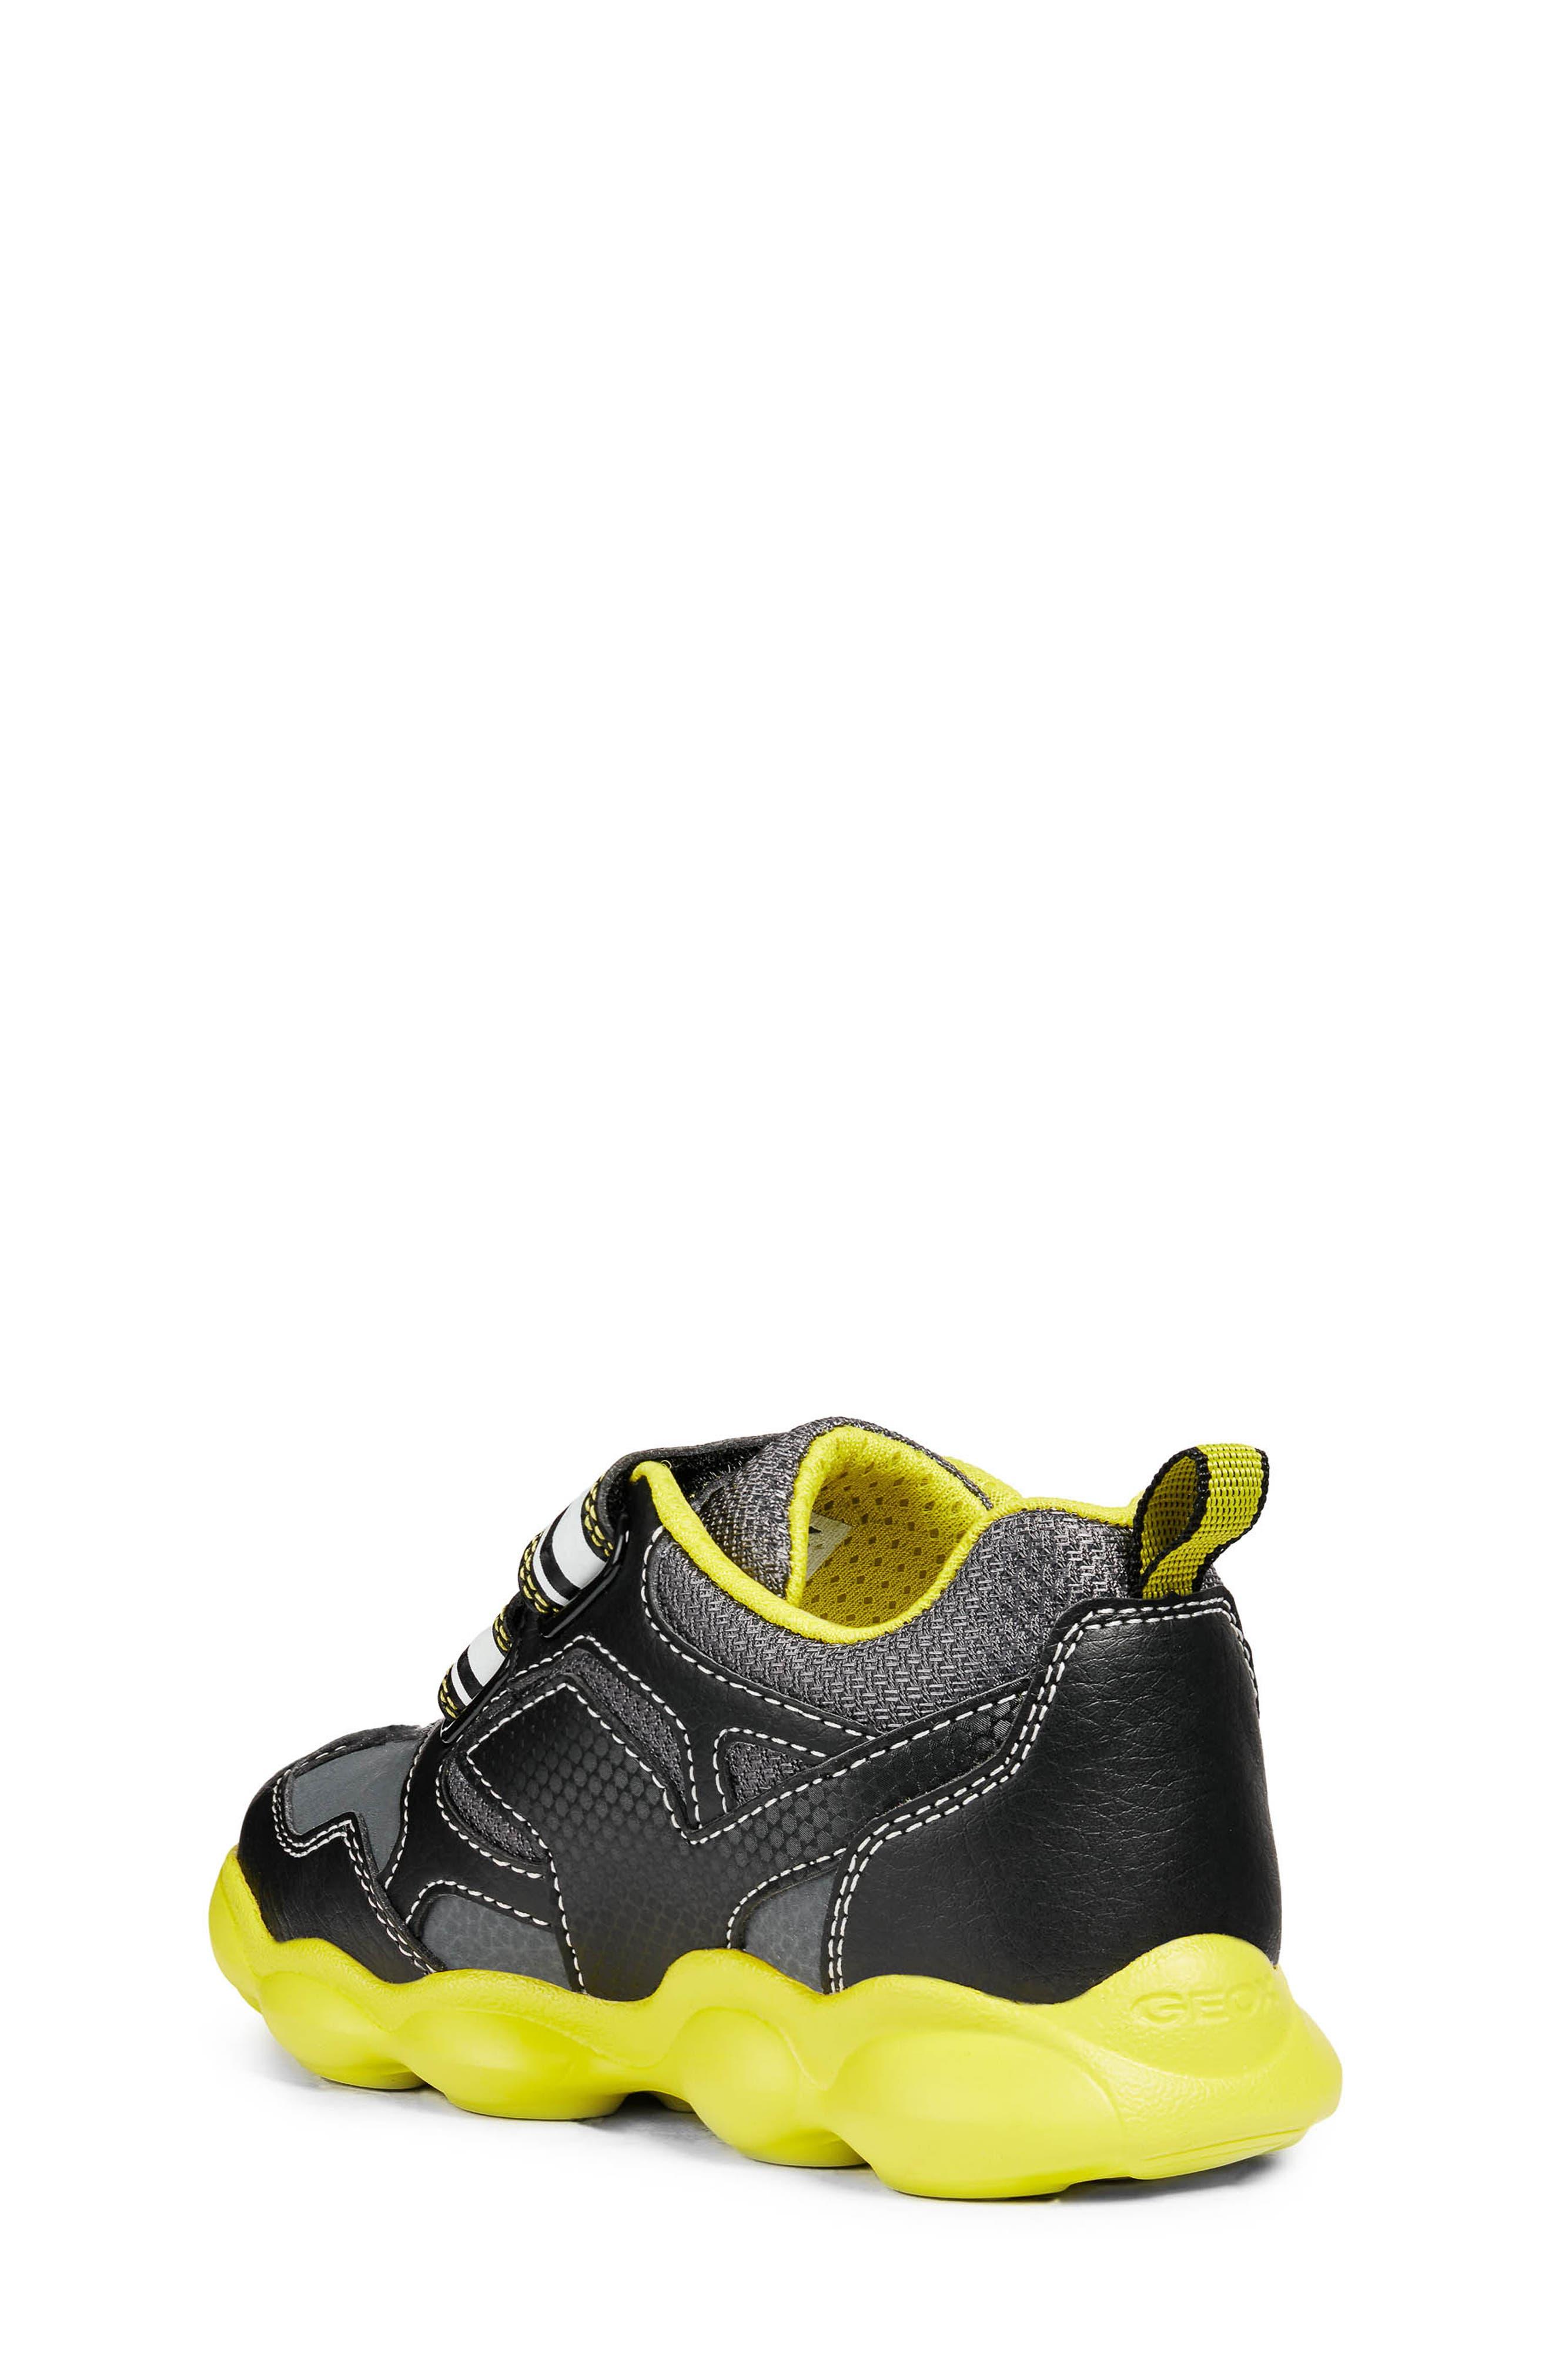 Munfrey Sneaker,                             Alternate thumbnail 2, color,                             001